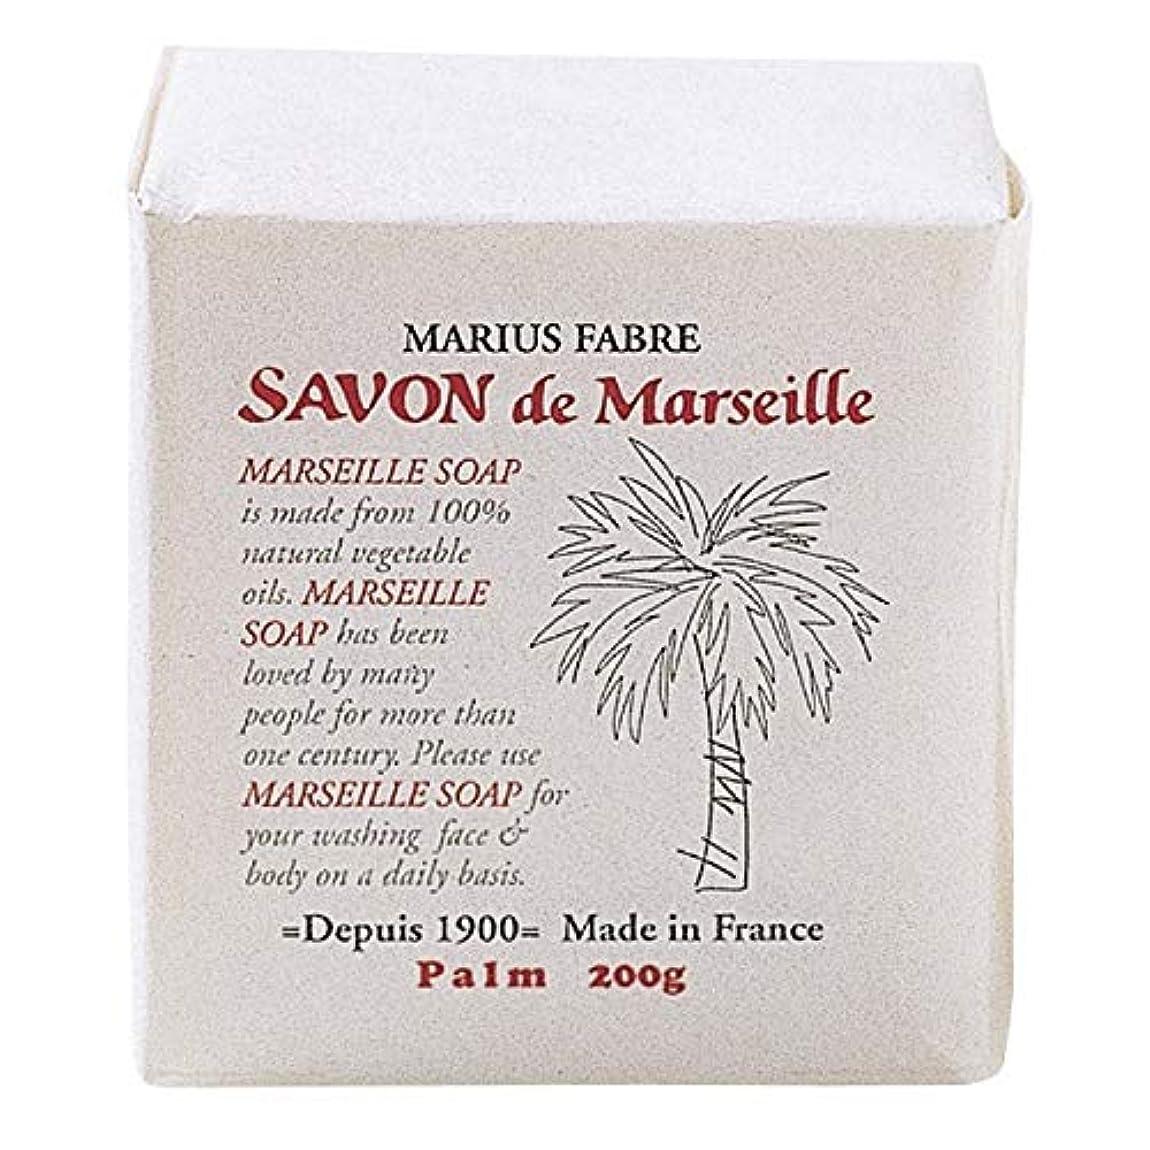 サボンドマルセイユ 無香料 パーム 200g